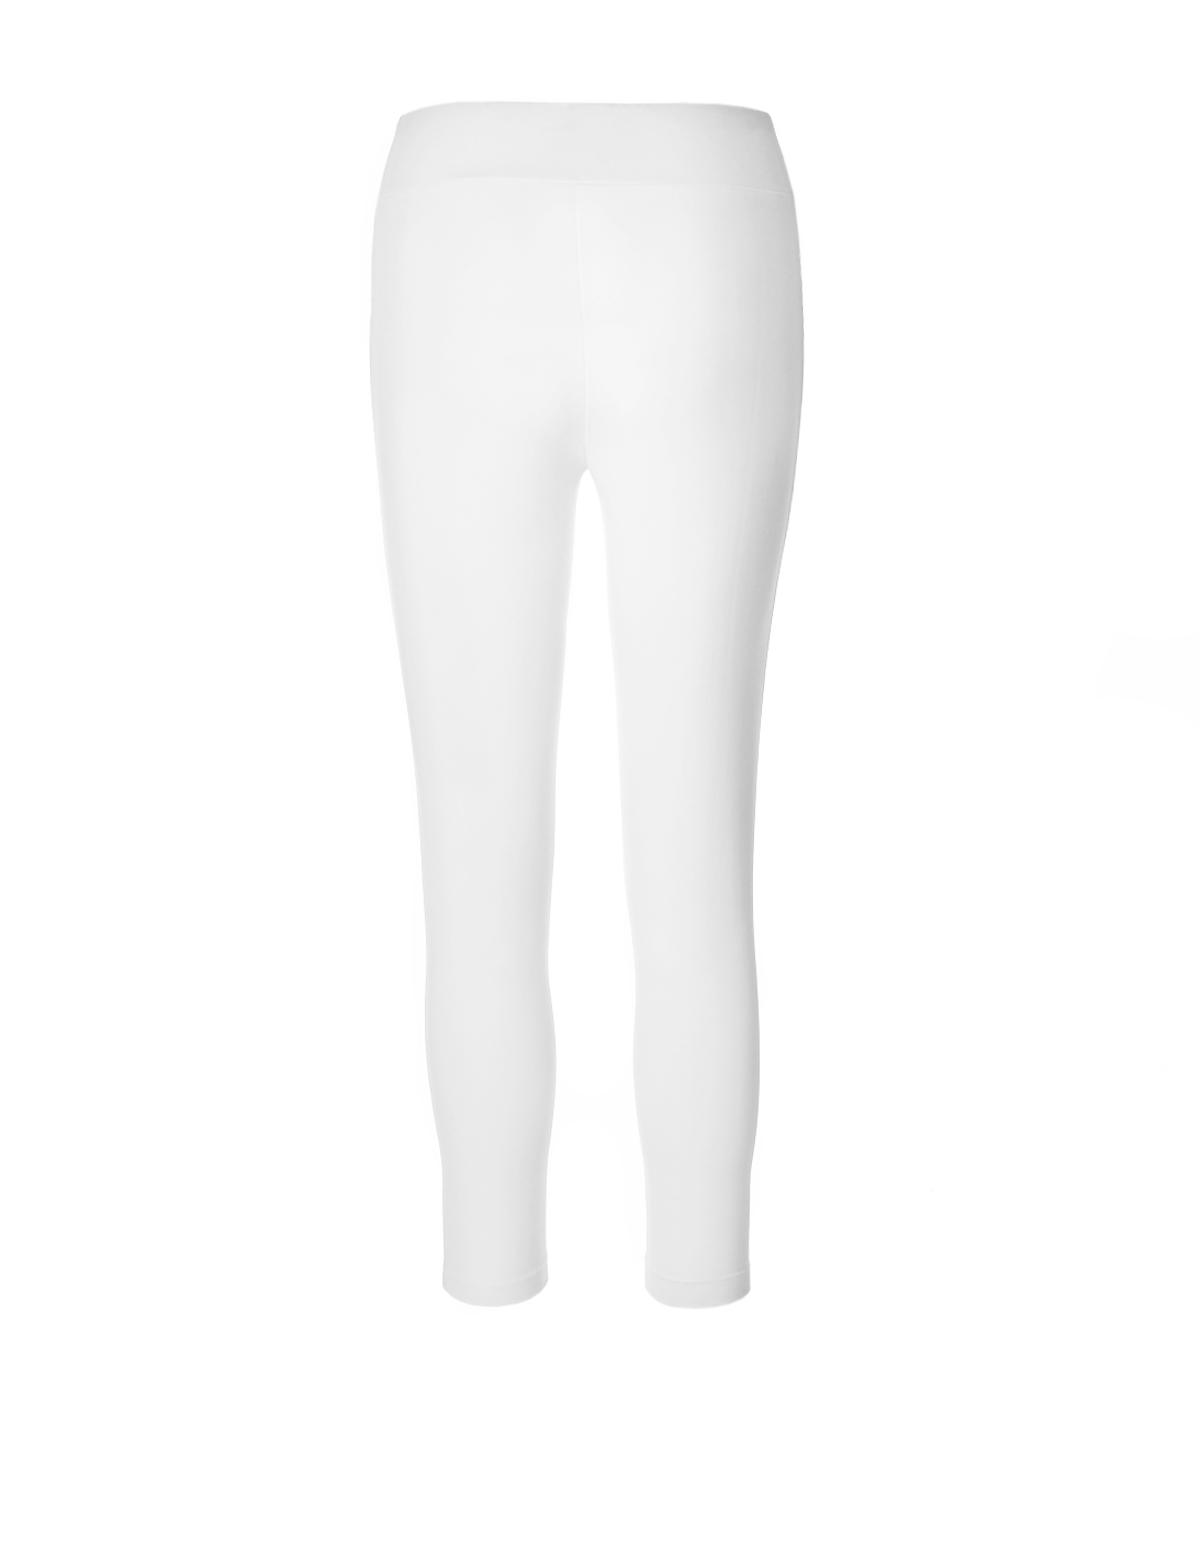 ... White Capri Legging, White, hi-res ... - White Capri Legging Cleo